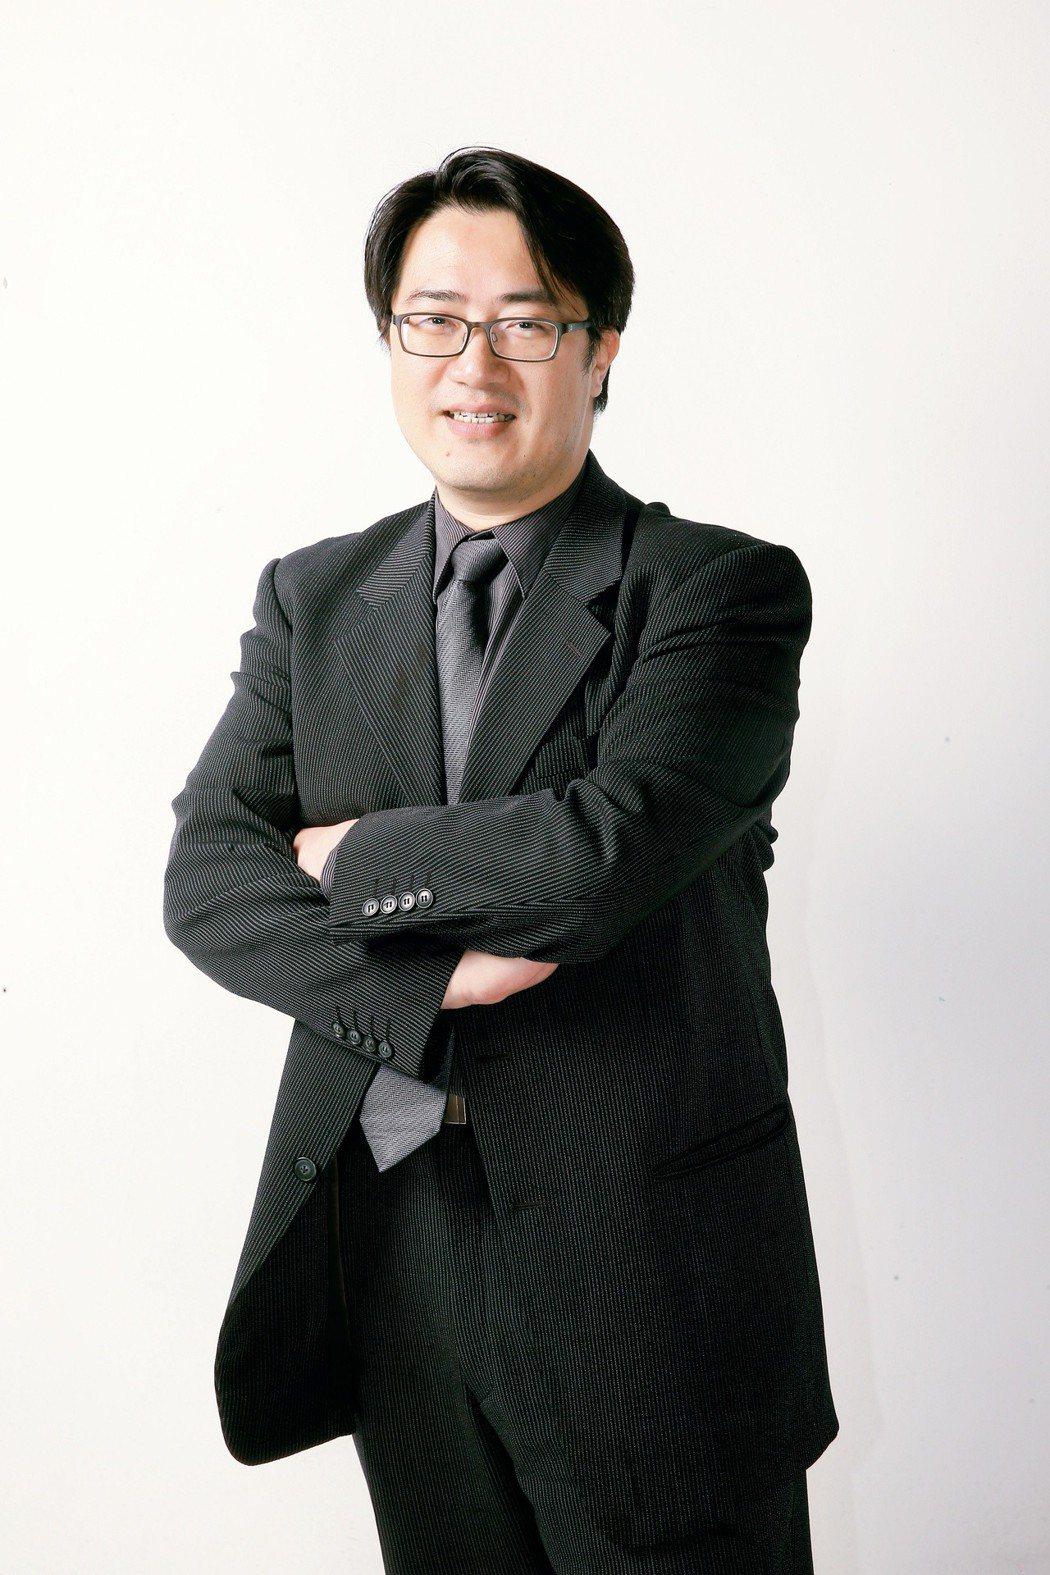 台北榮總高齡醫學中心主任、國立陽明大學教授